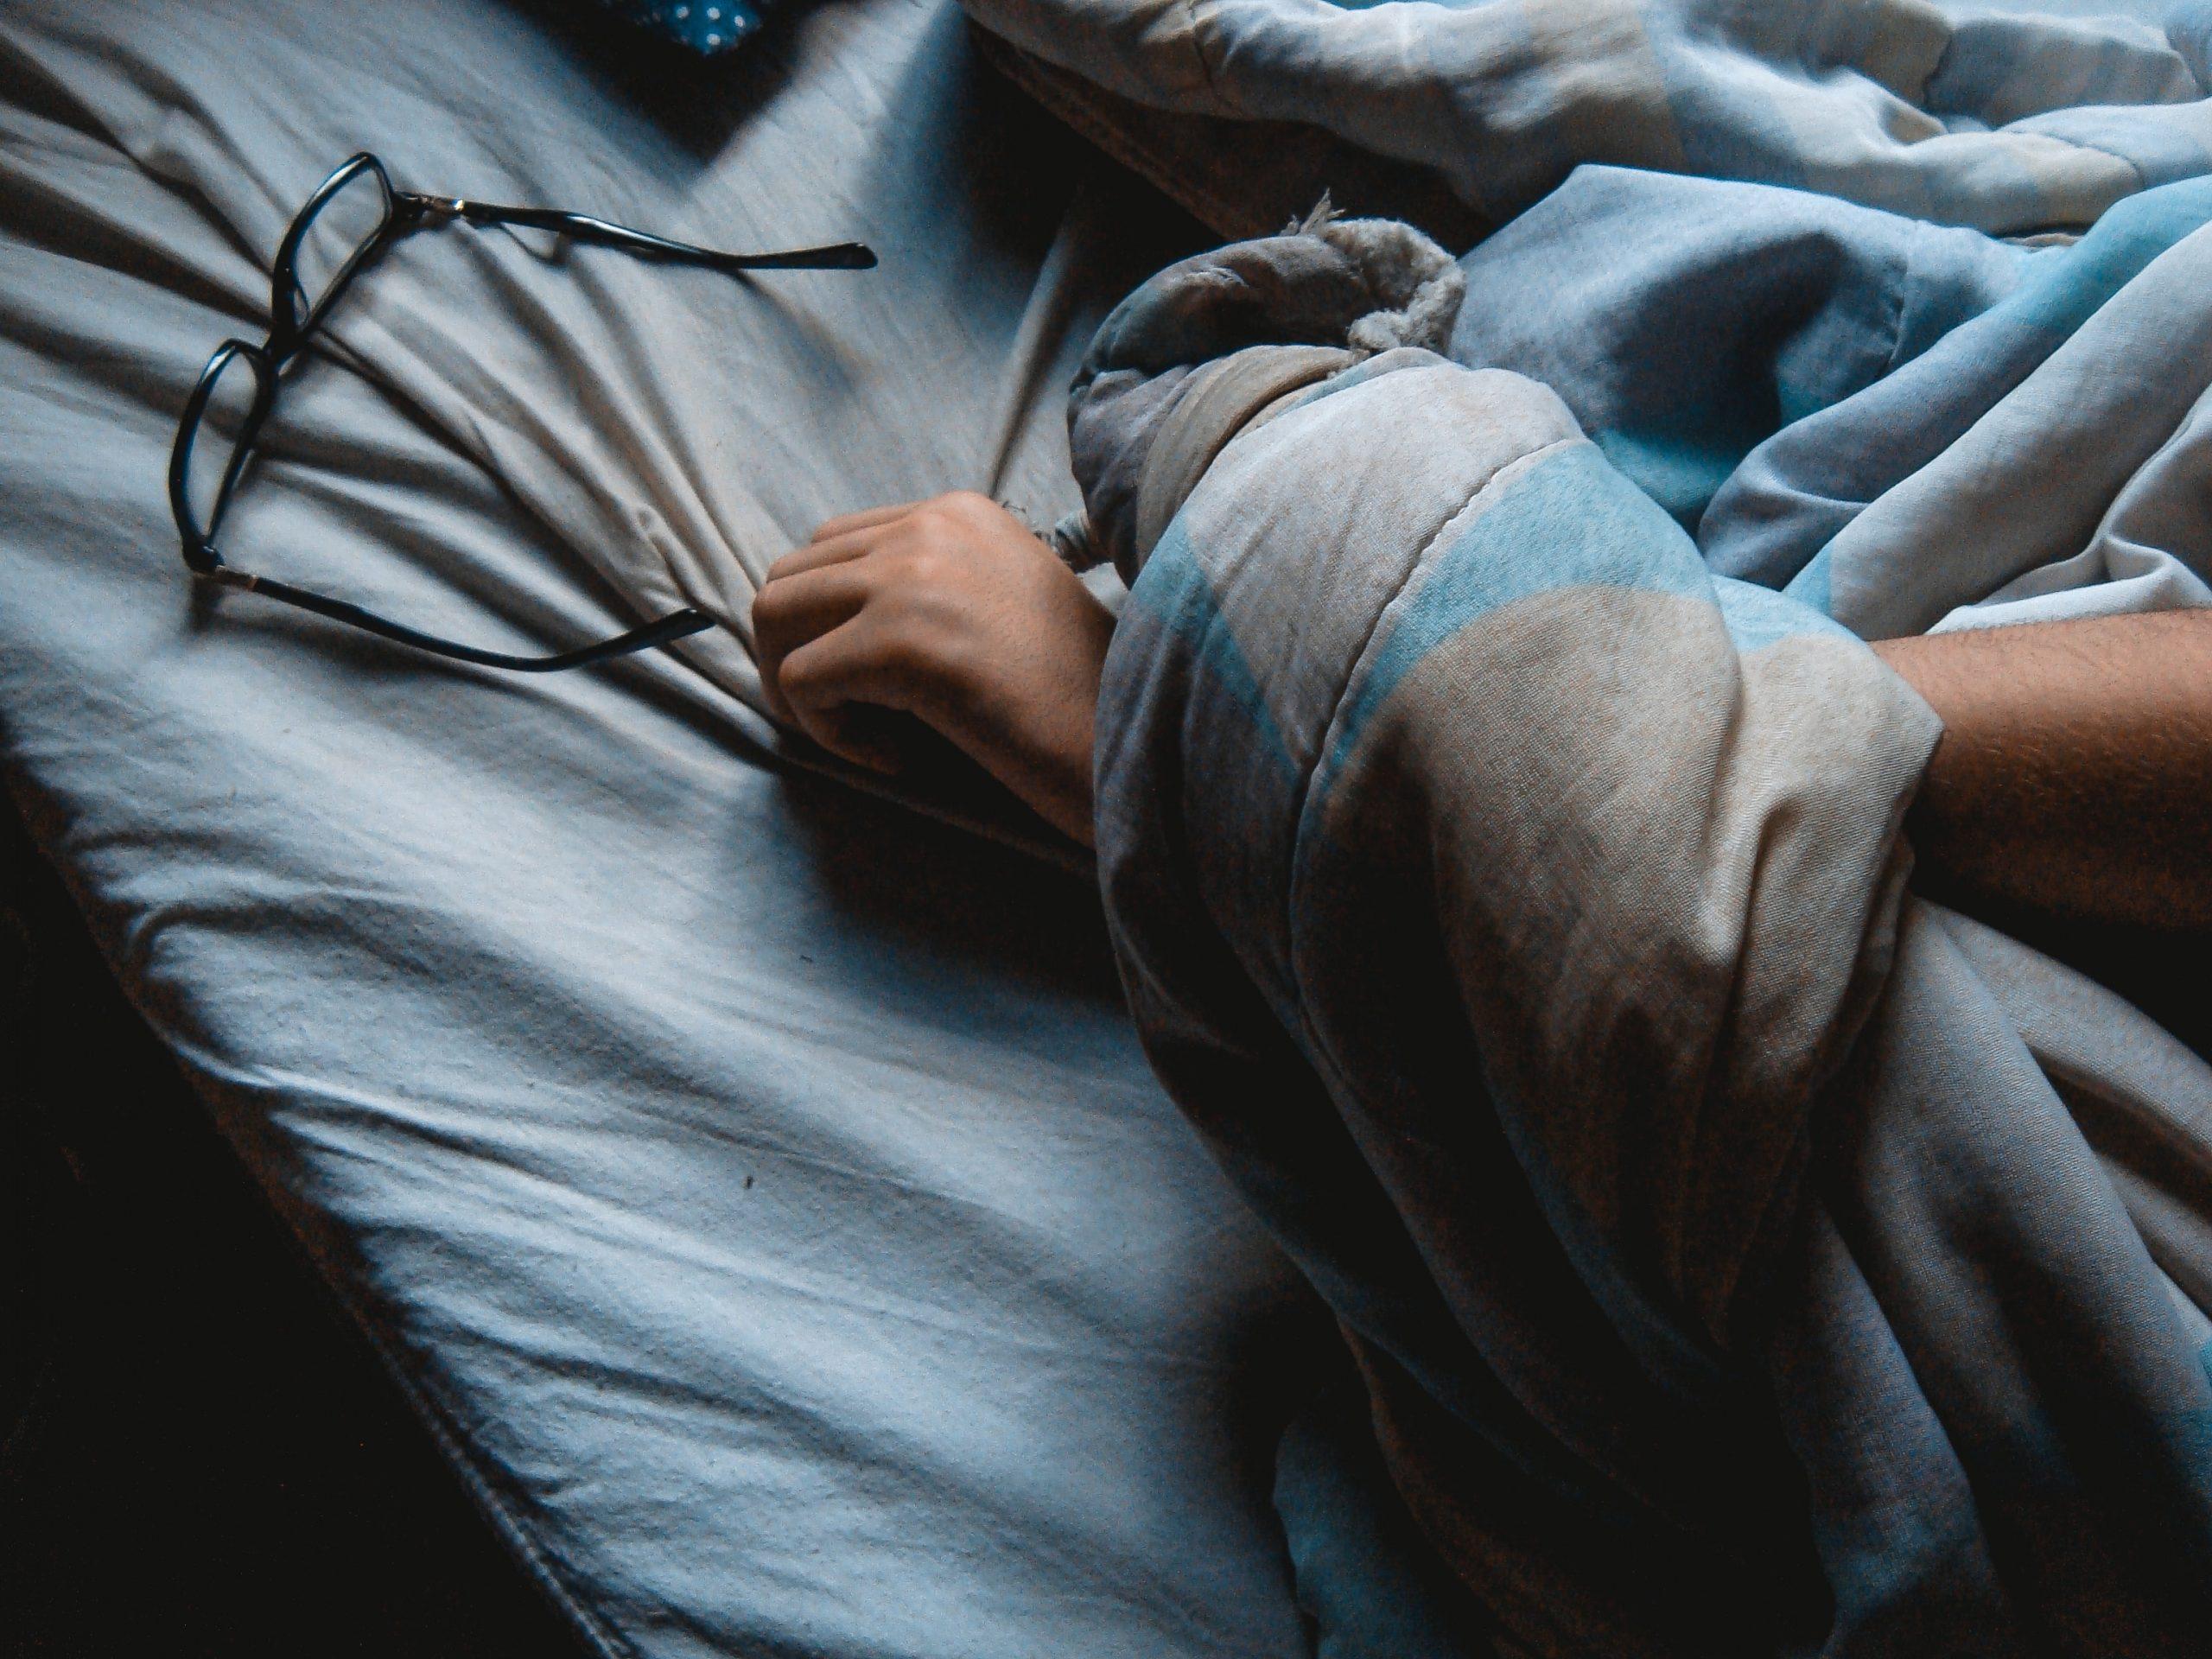 Slaapproblemen voorspellen comorbide gedragsproblemen en depressie bij adolescenten met ADHD